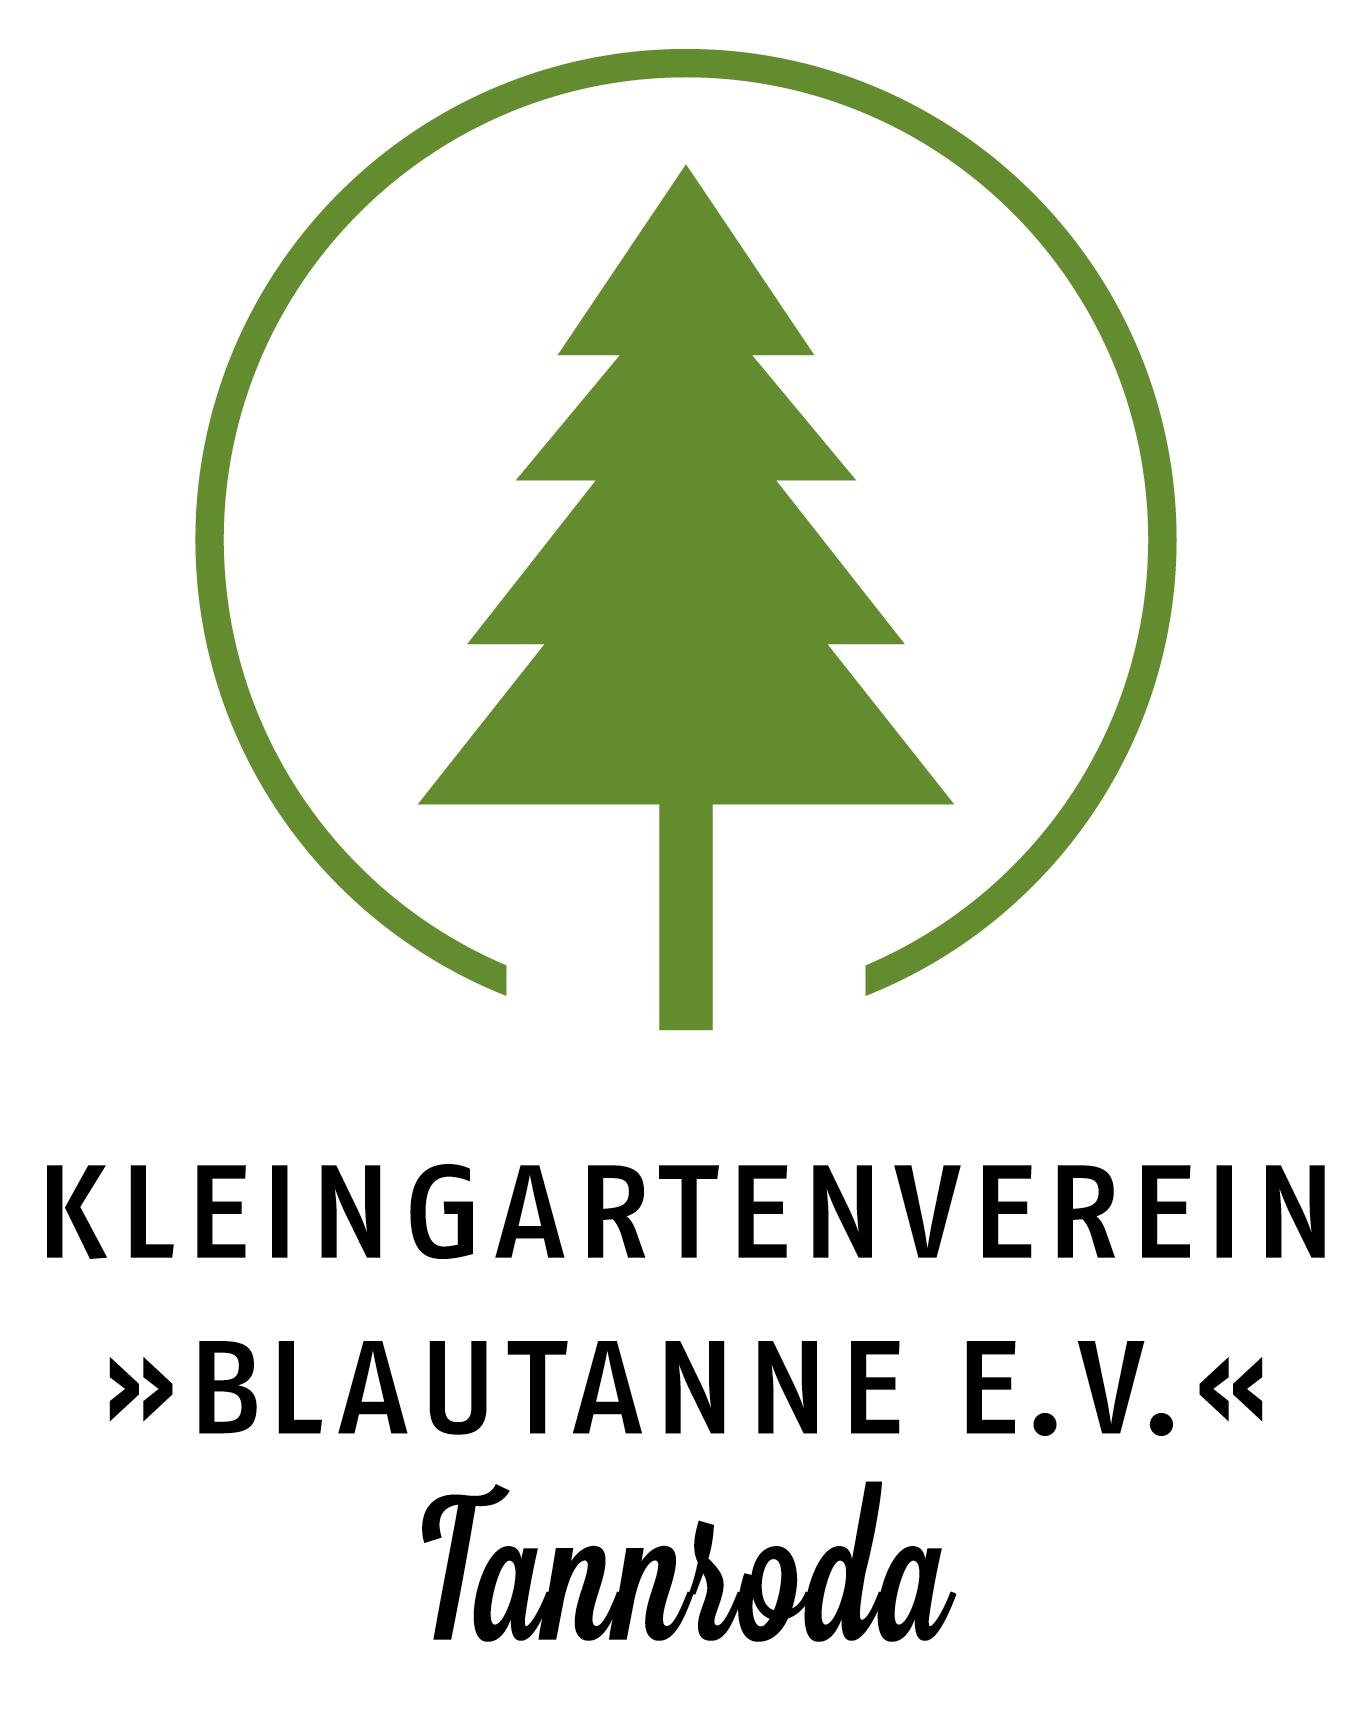 Kleingartenverein »Blautanne e.V.« Tannroda